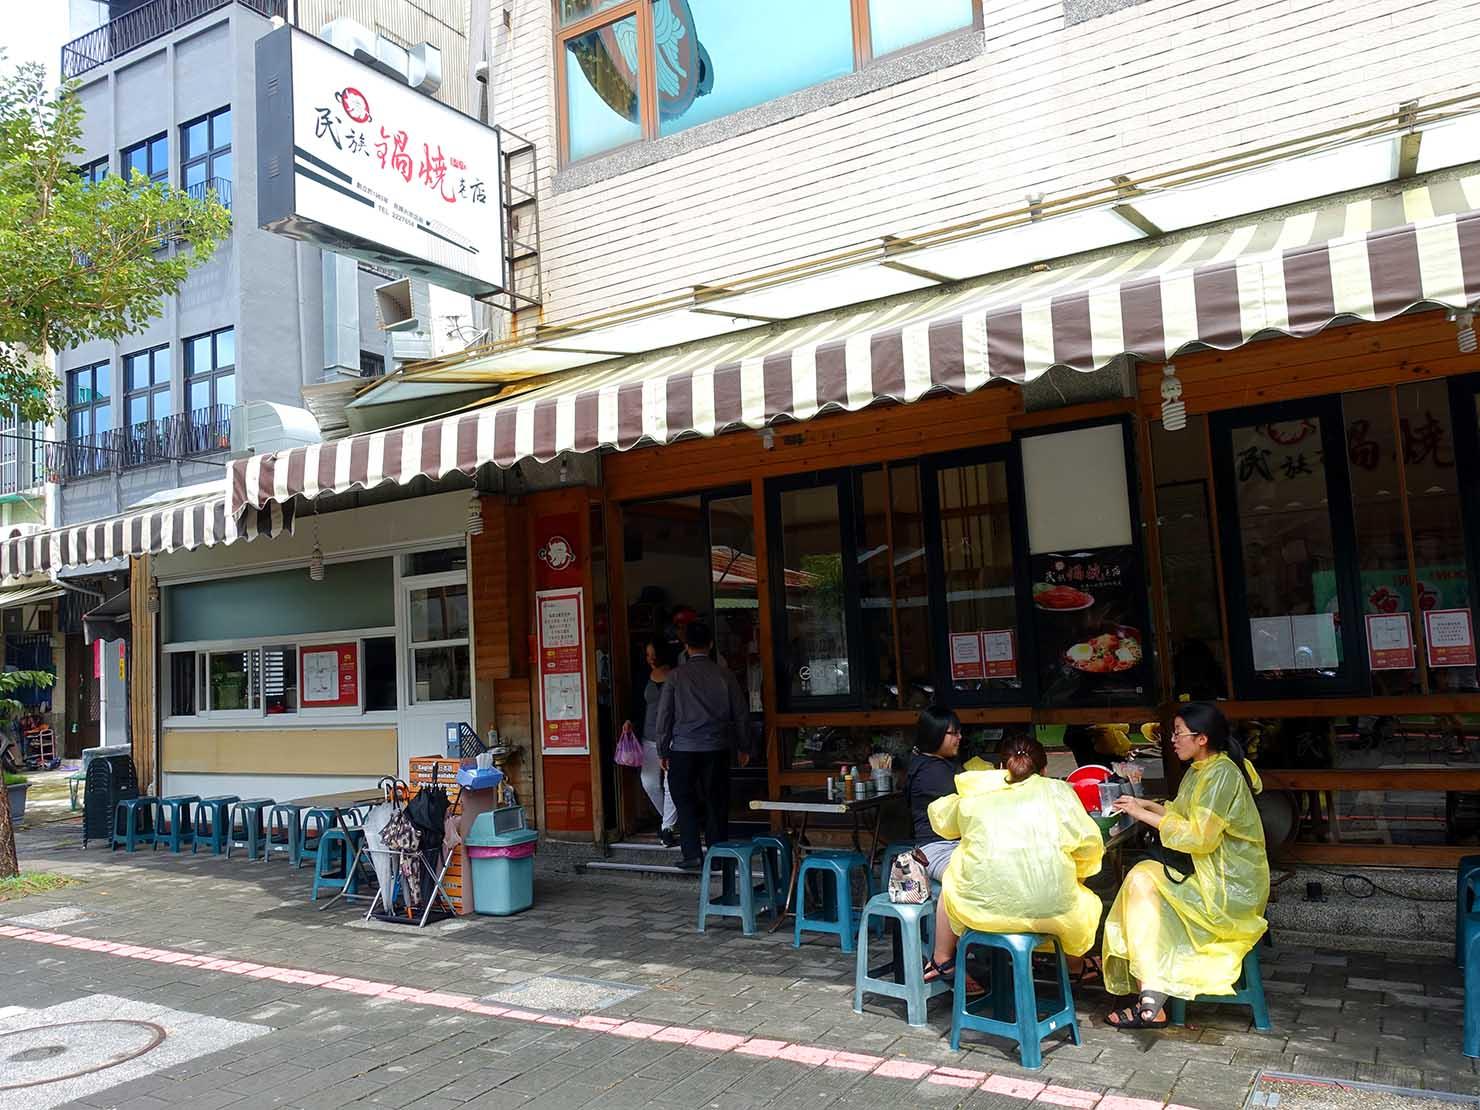 台南・赤崁樓周辺のおすすめグルメ店「民族鍋焼老店」の外観